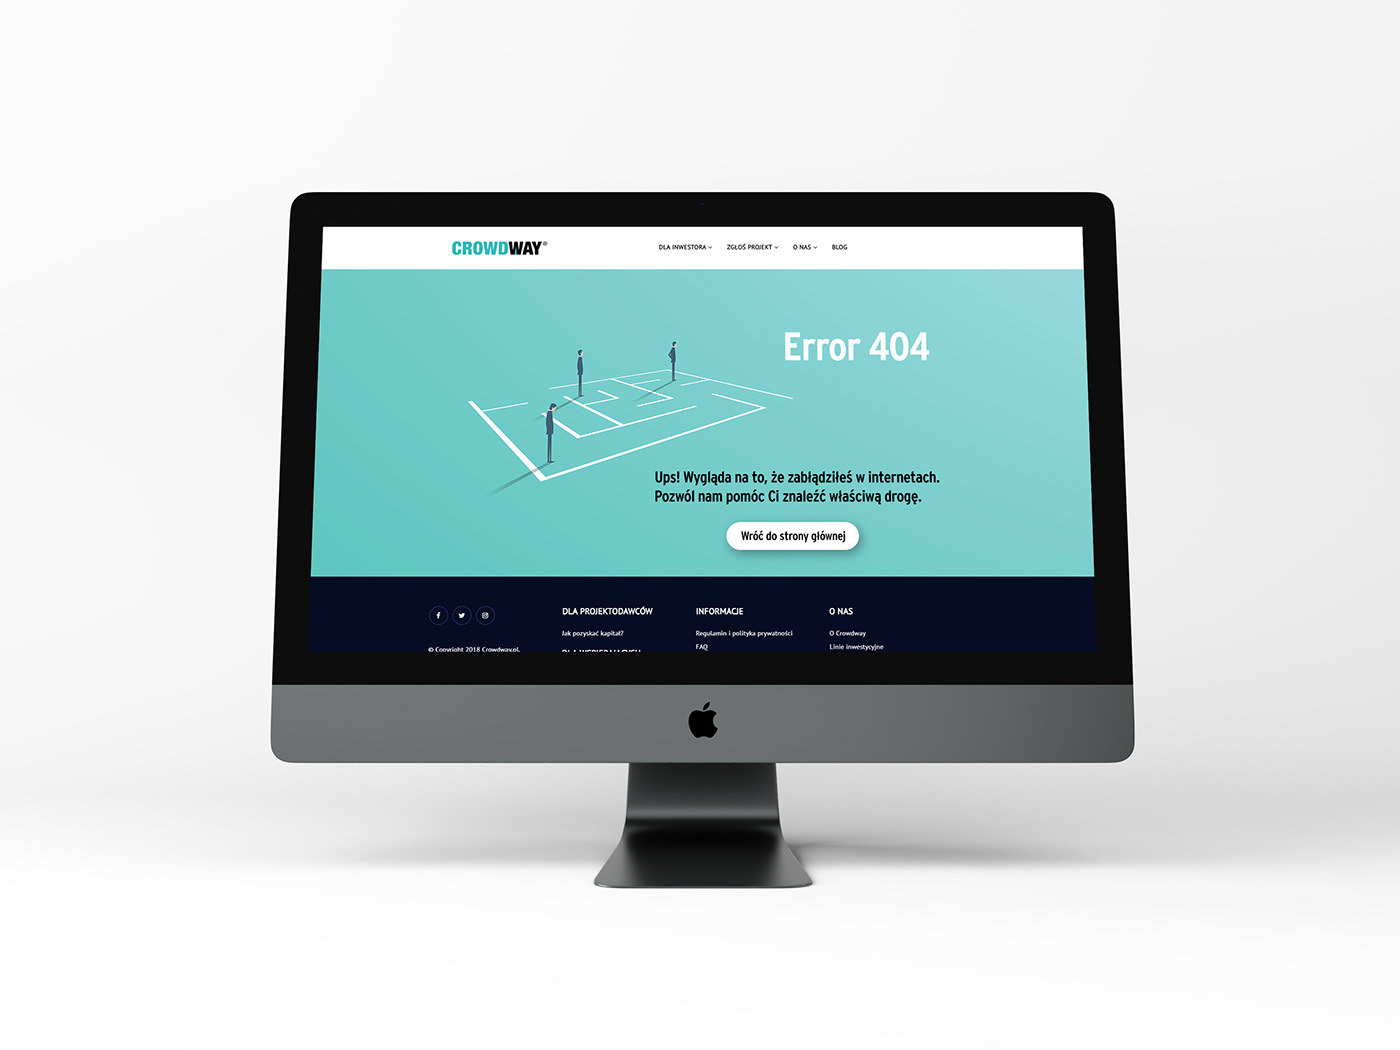 Image may contain: computer, monitor and screenshot